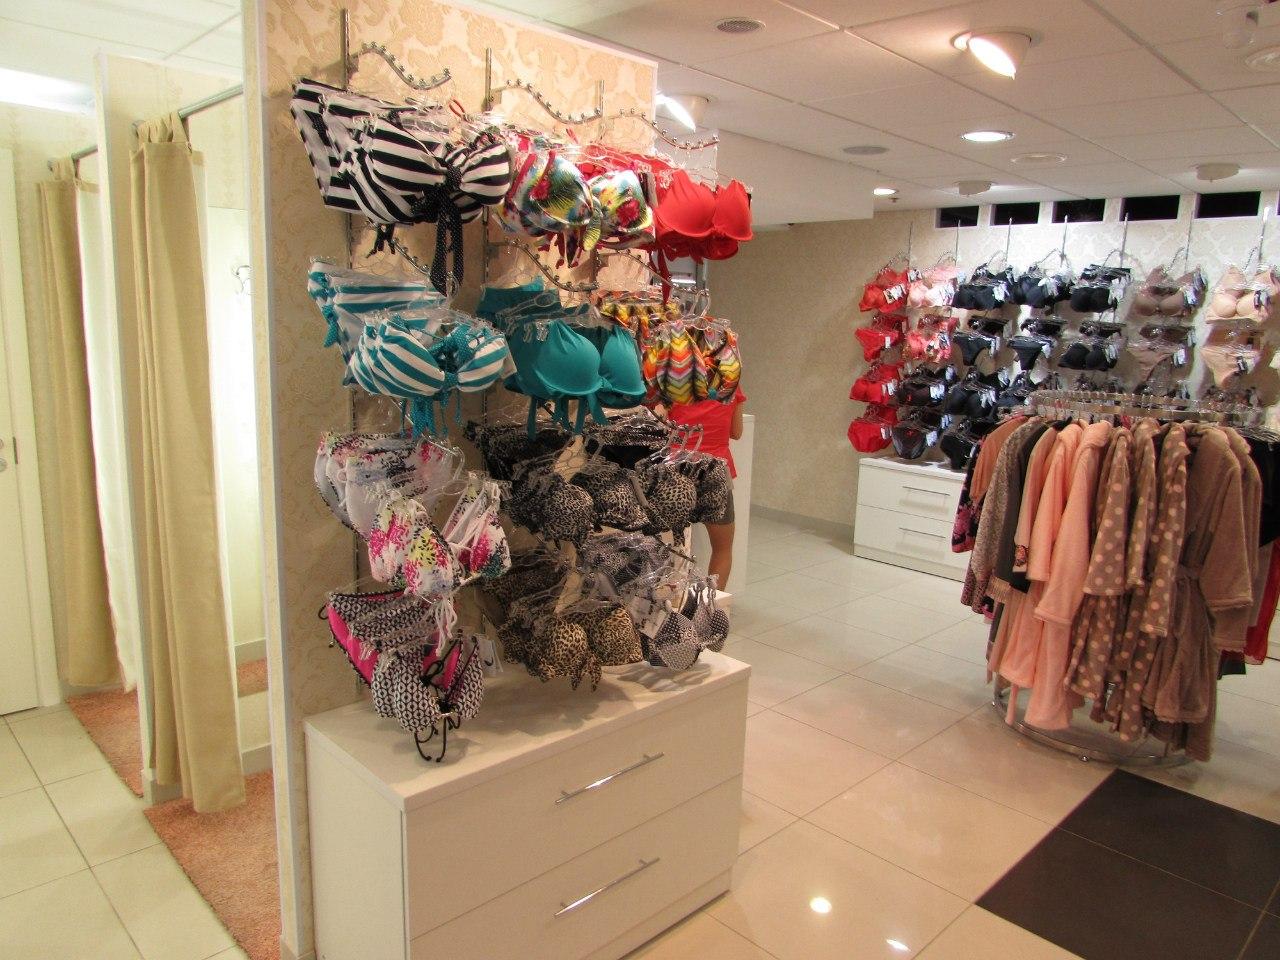 Магазины нижнего белья в иркутске 7 фотография